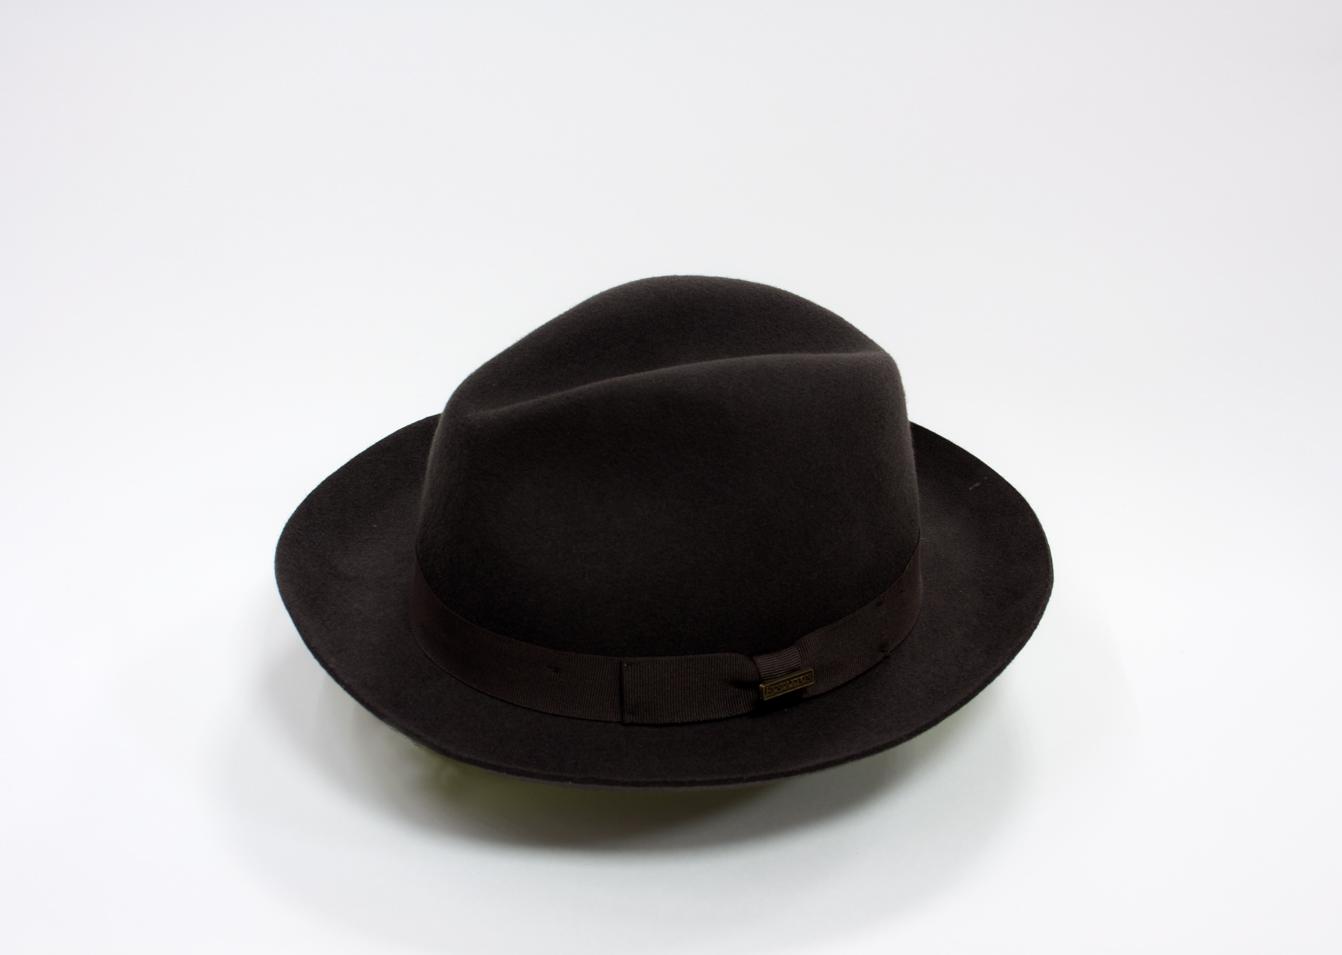 hat-fedora-cbrwn-9637-2.jpg